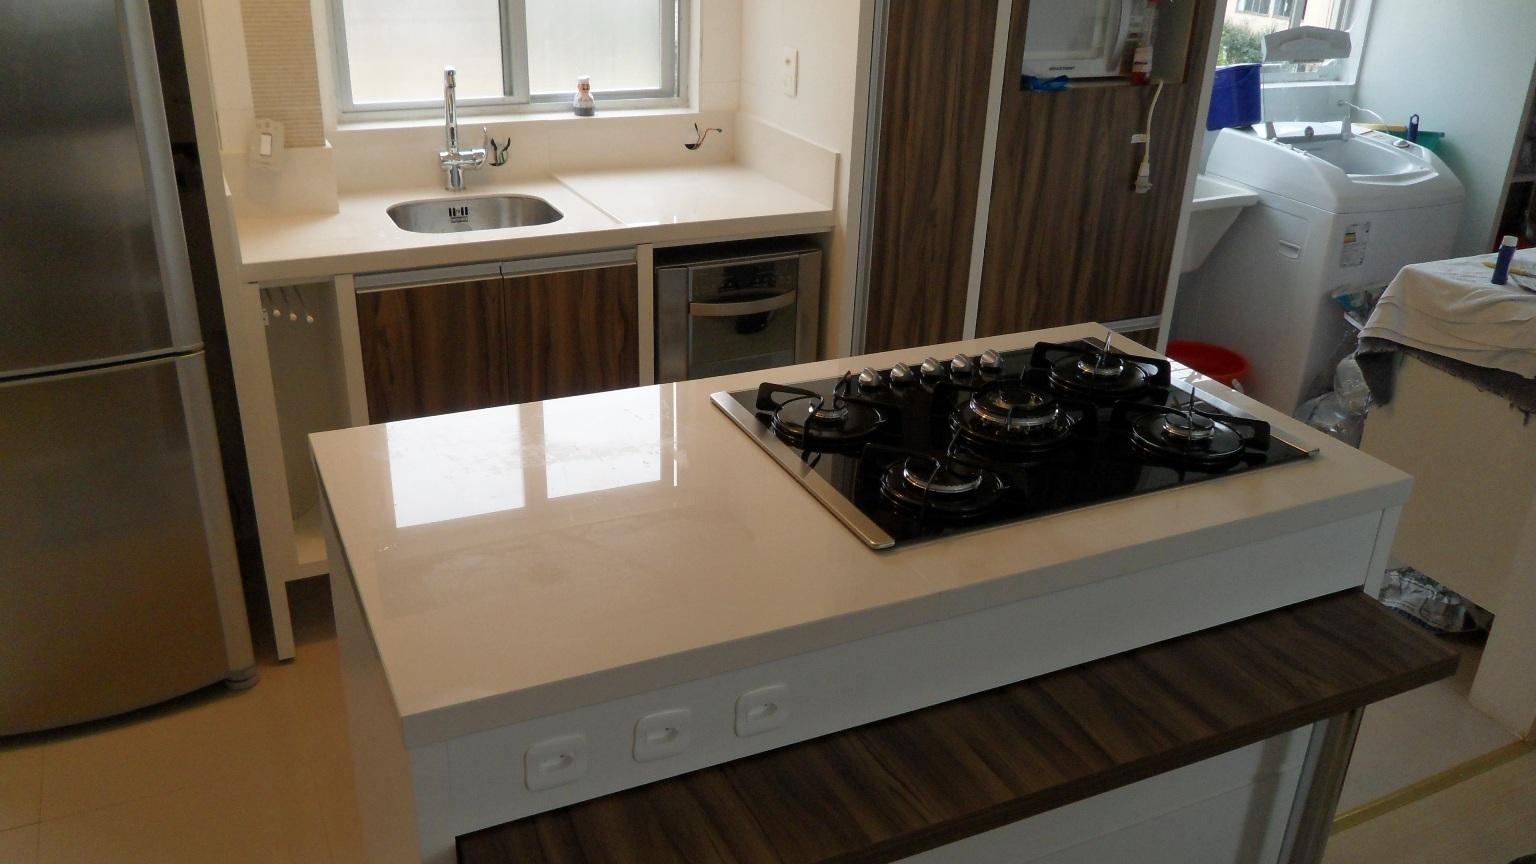 #212F65  porcelanato.: Bancada cozinha com ilha e cooktop. Porcelanato 1536x864 px Bancada De Cozinha Americana De Porcelanato #1349 imagens